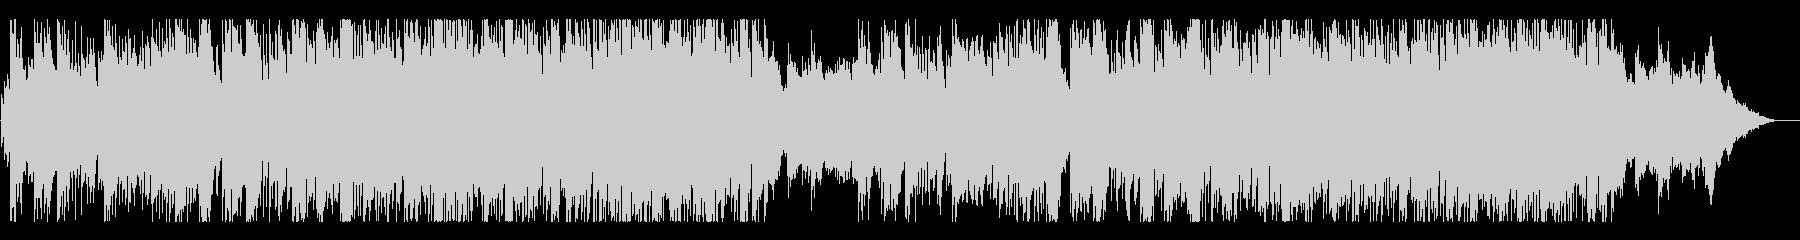 センチメンタルで華やかさのあるBGMの未再生の波形